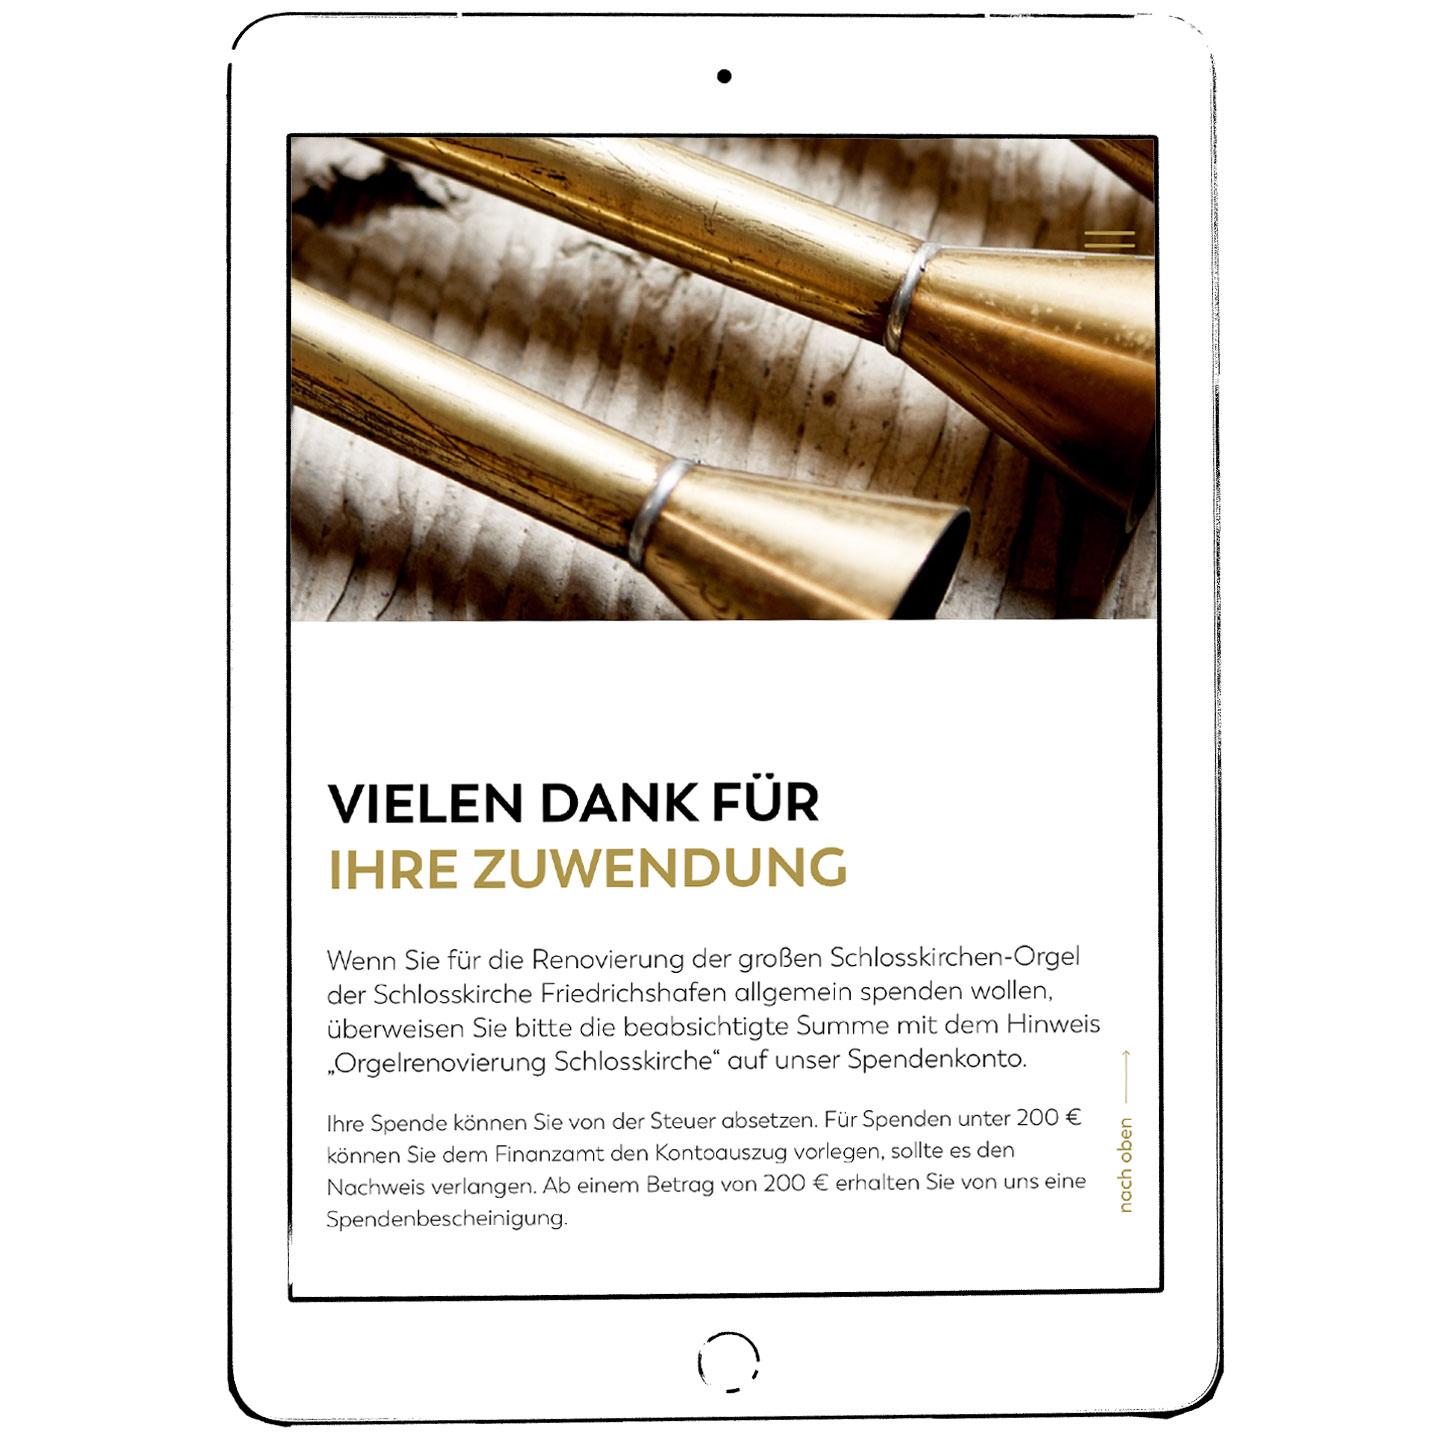 Dokumentation – Renovierung der Schlosskirchen Orgel Friedrichshafen, Oktober 2018